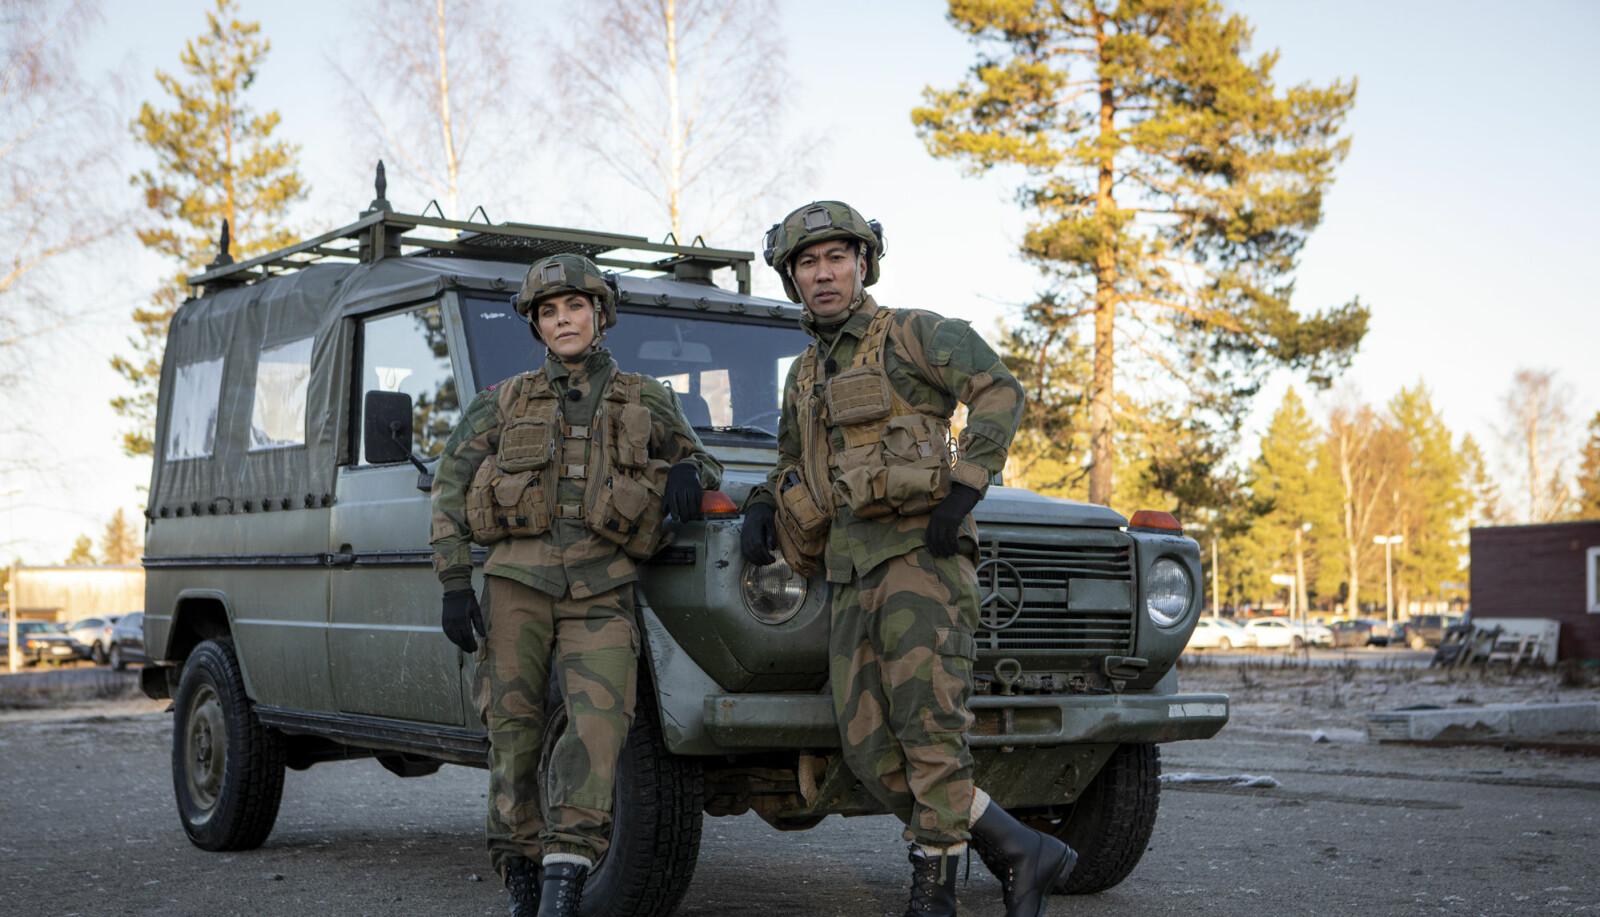 Jørgine Massa Vasstrand og Christian Strand står klart til å konkurrere iført militært utstyr.